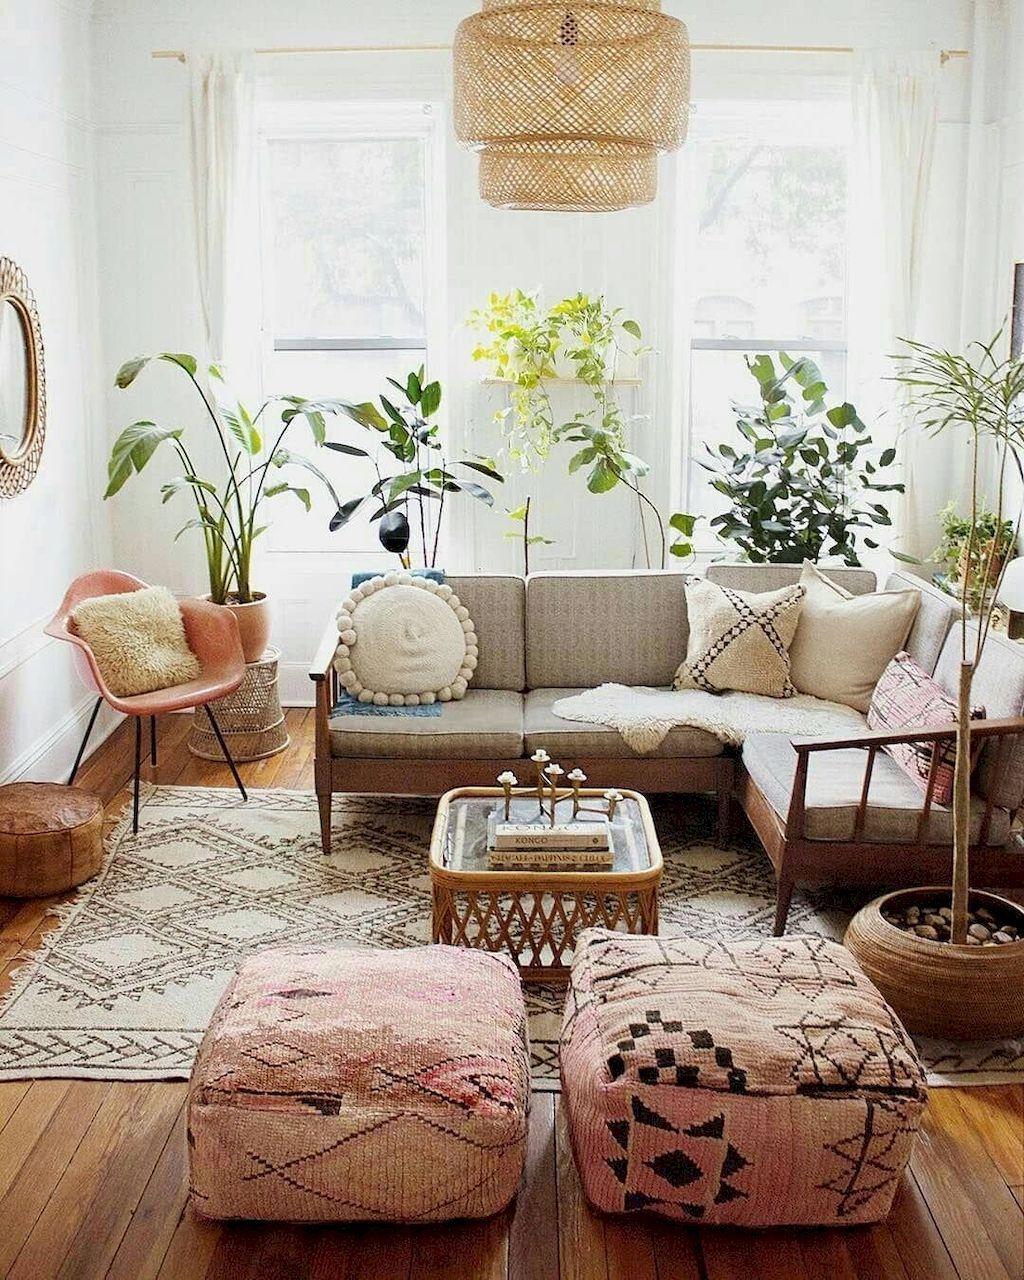 Awesome 65 Modern Bohemian Living Room Decor Ideas Https Domakeover Com 65 Modern Bohem Boho Living Room Decor Modern Furniture Living Room Living Room Decor